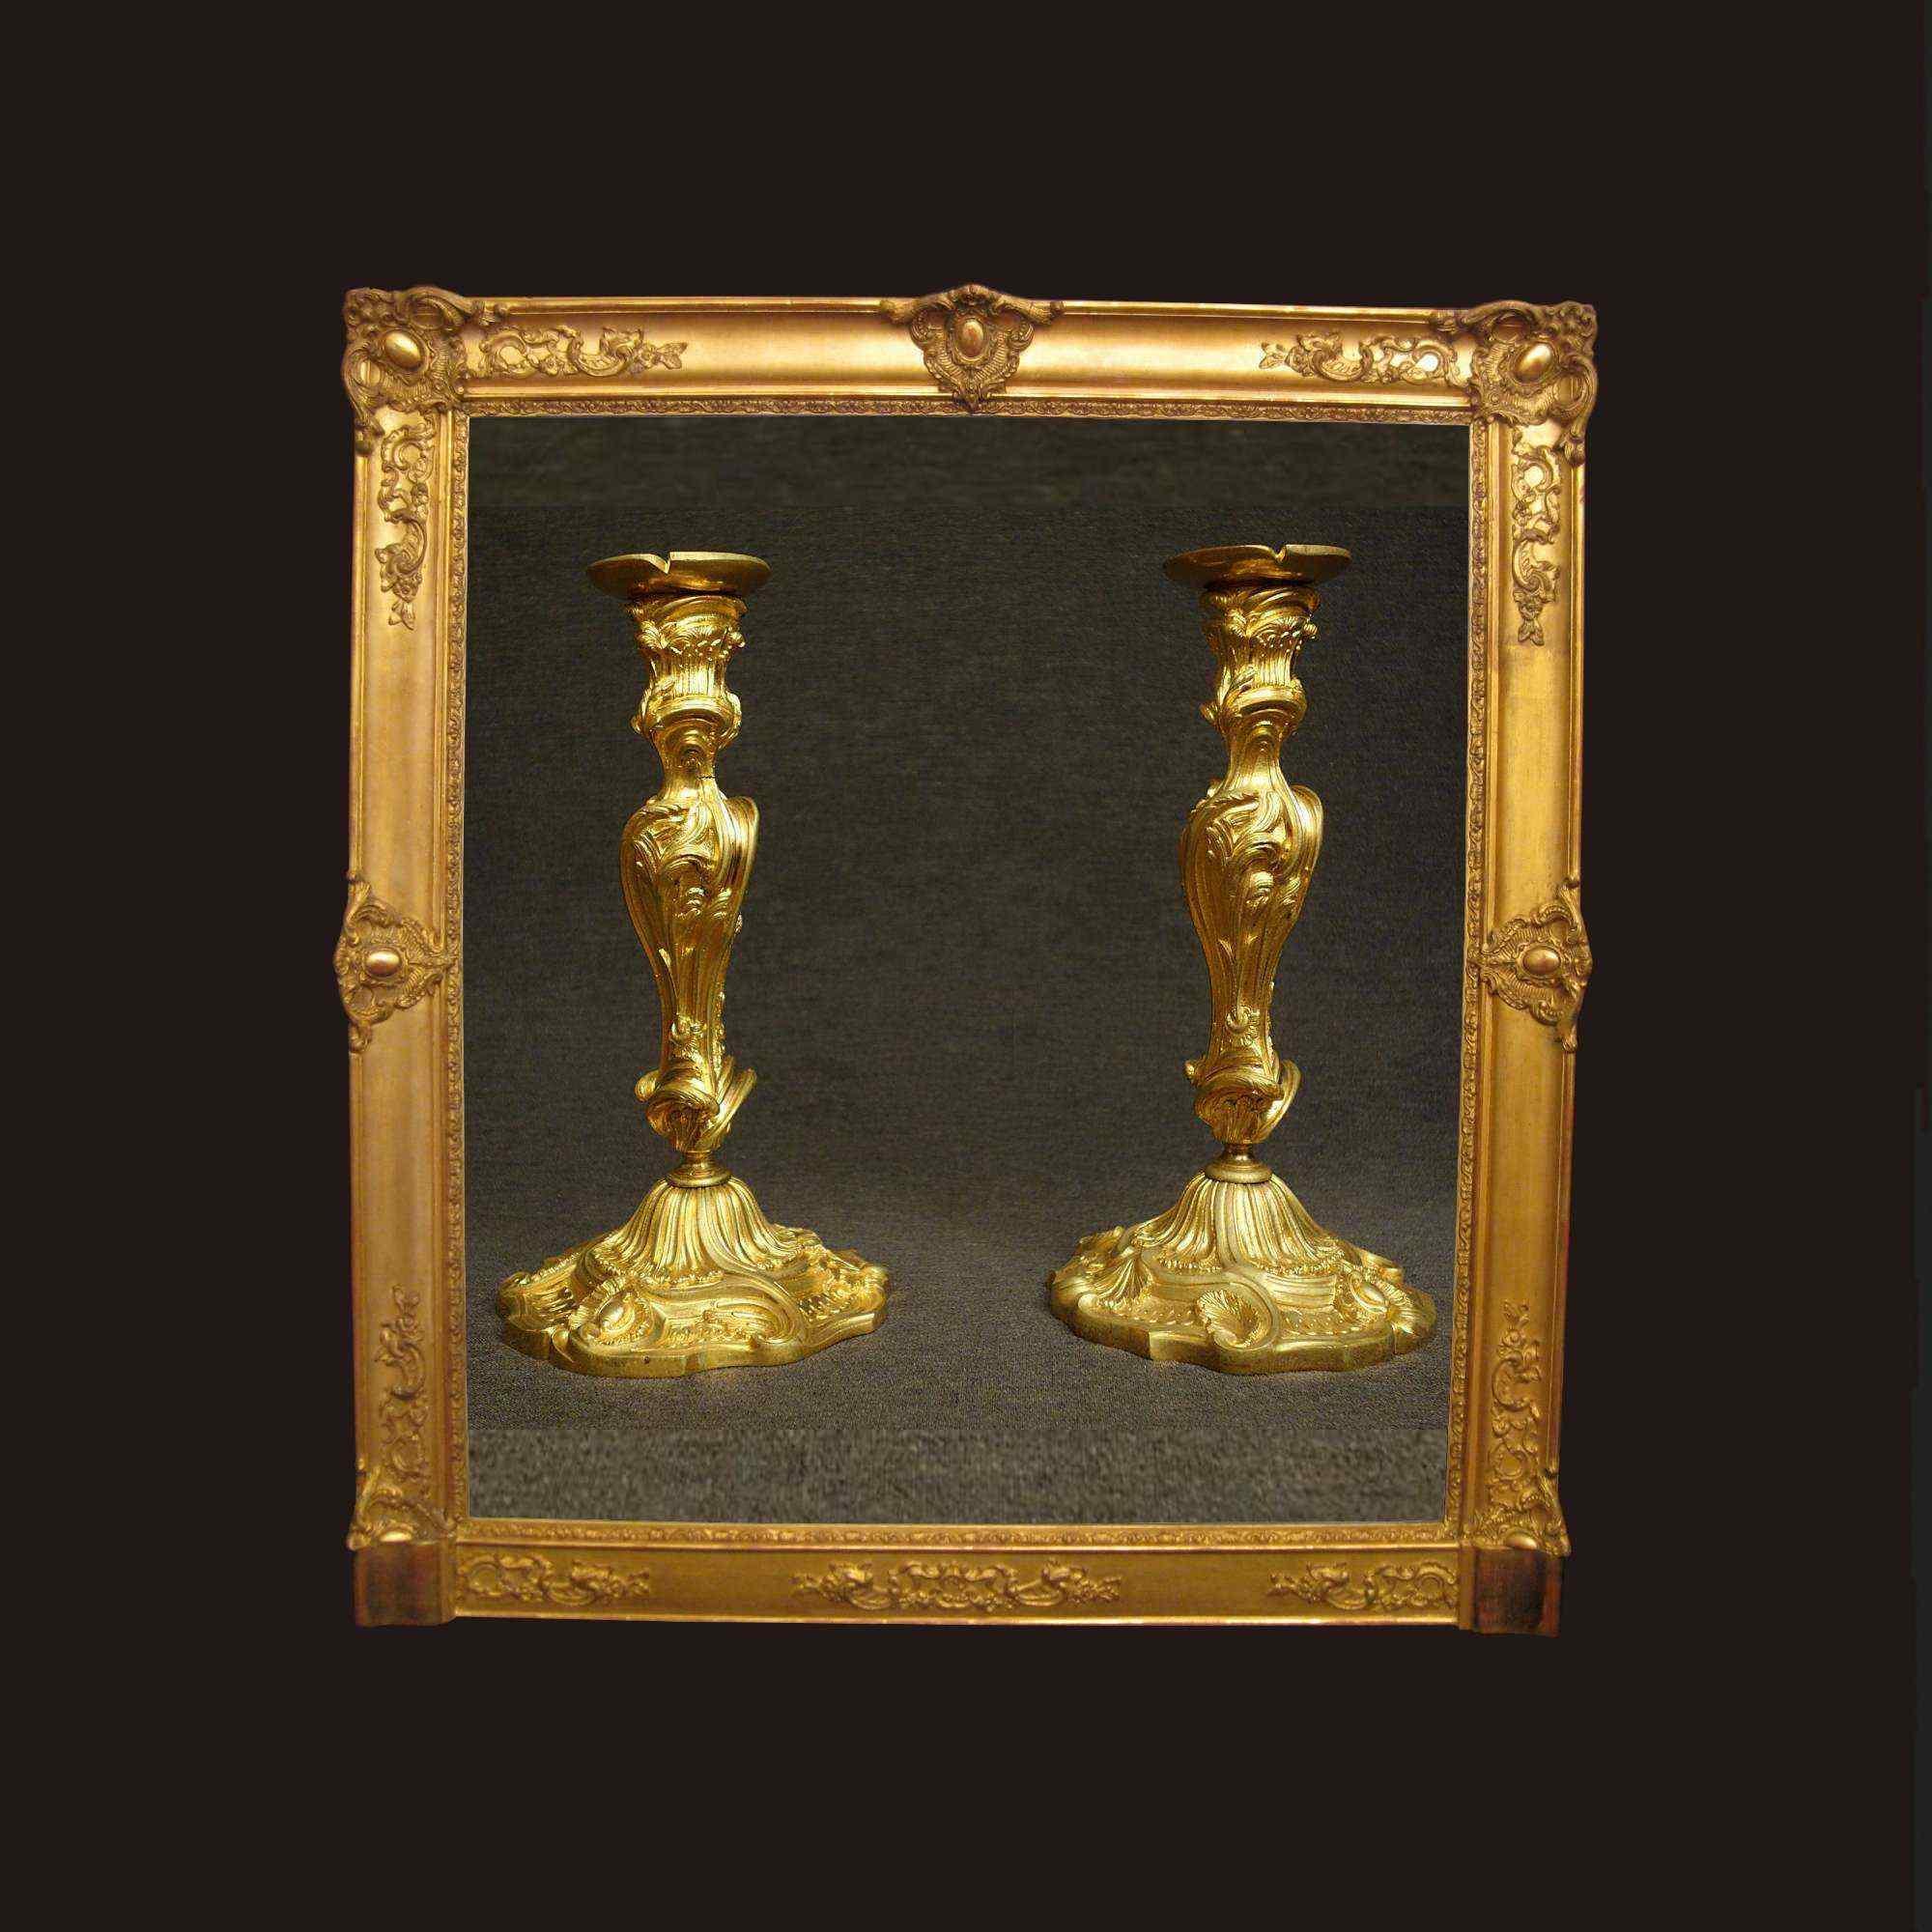 Raro paio di torcieri stampigliati Picard, XIX secolo